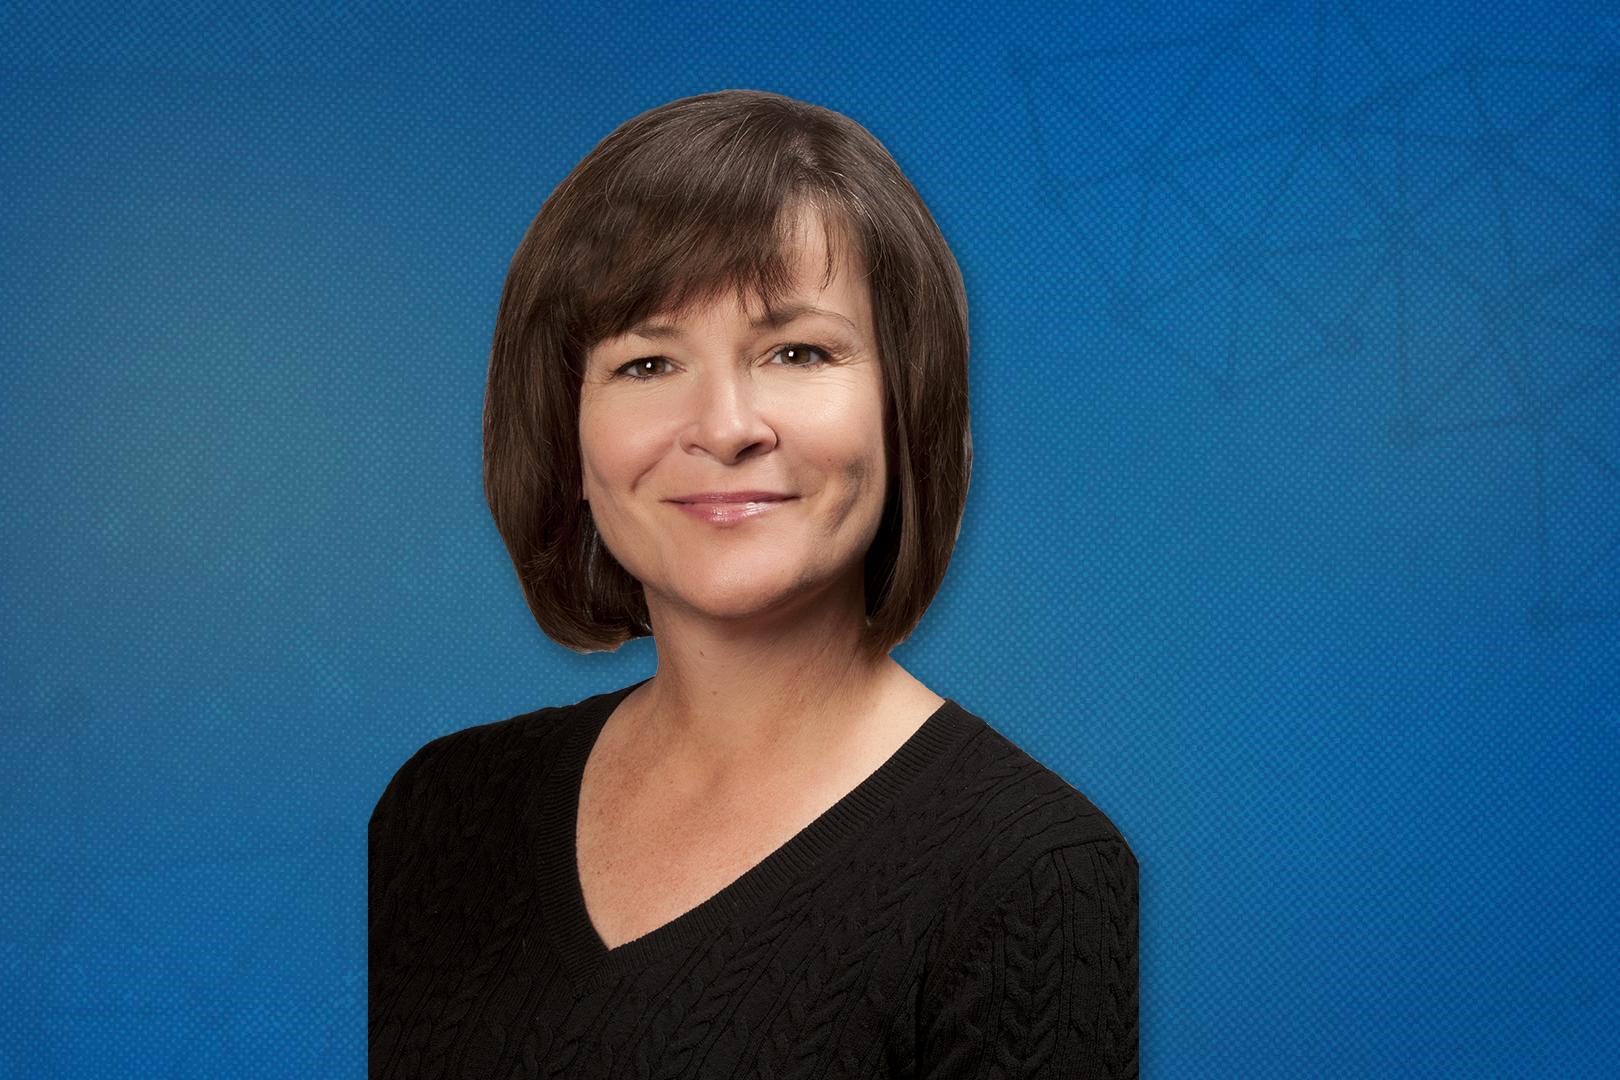 The Keynote Speaker will be Susan Stark, PhD, OTR/L, FAOTA.